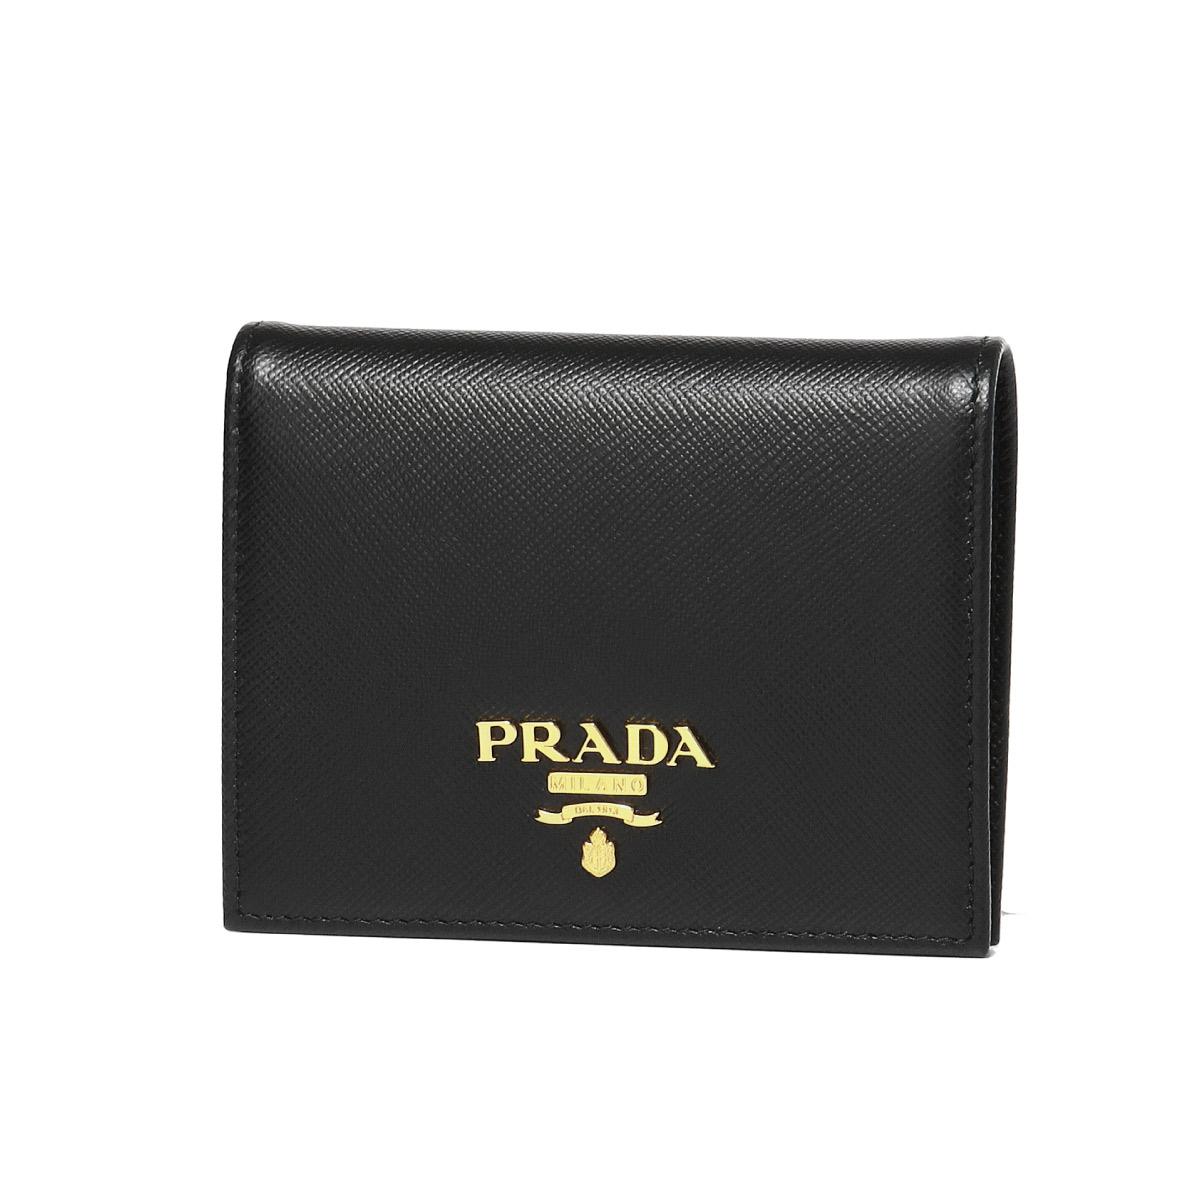 プラダ PRADA 財布 レディース 1MV204 QWA F0002 二つ折り財布 SAFFIANO METAL NERO ブラック